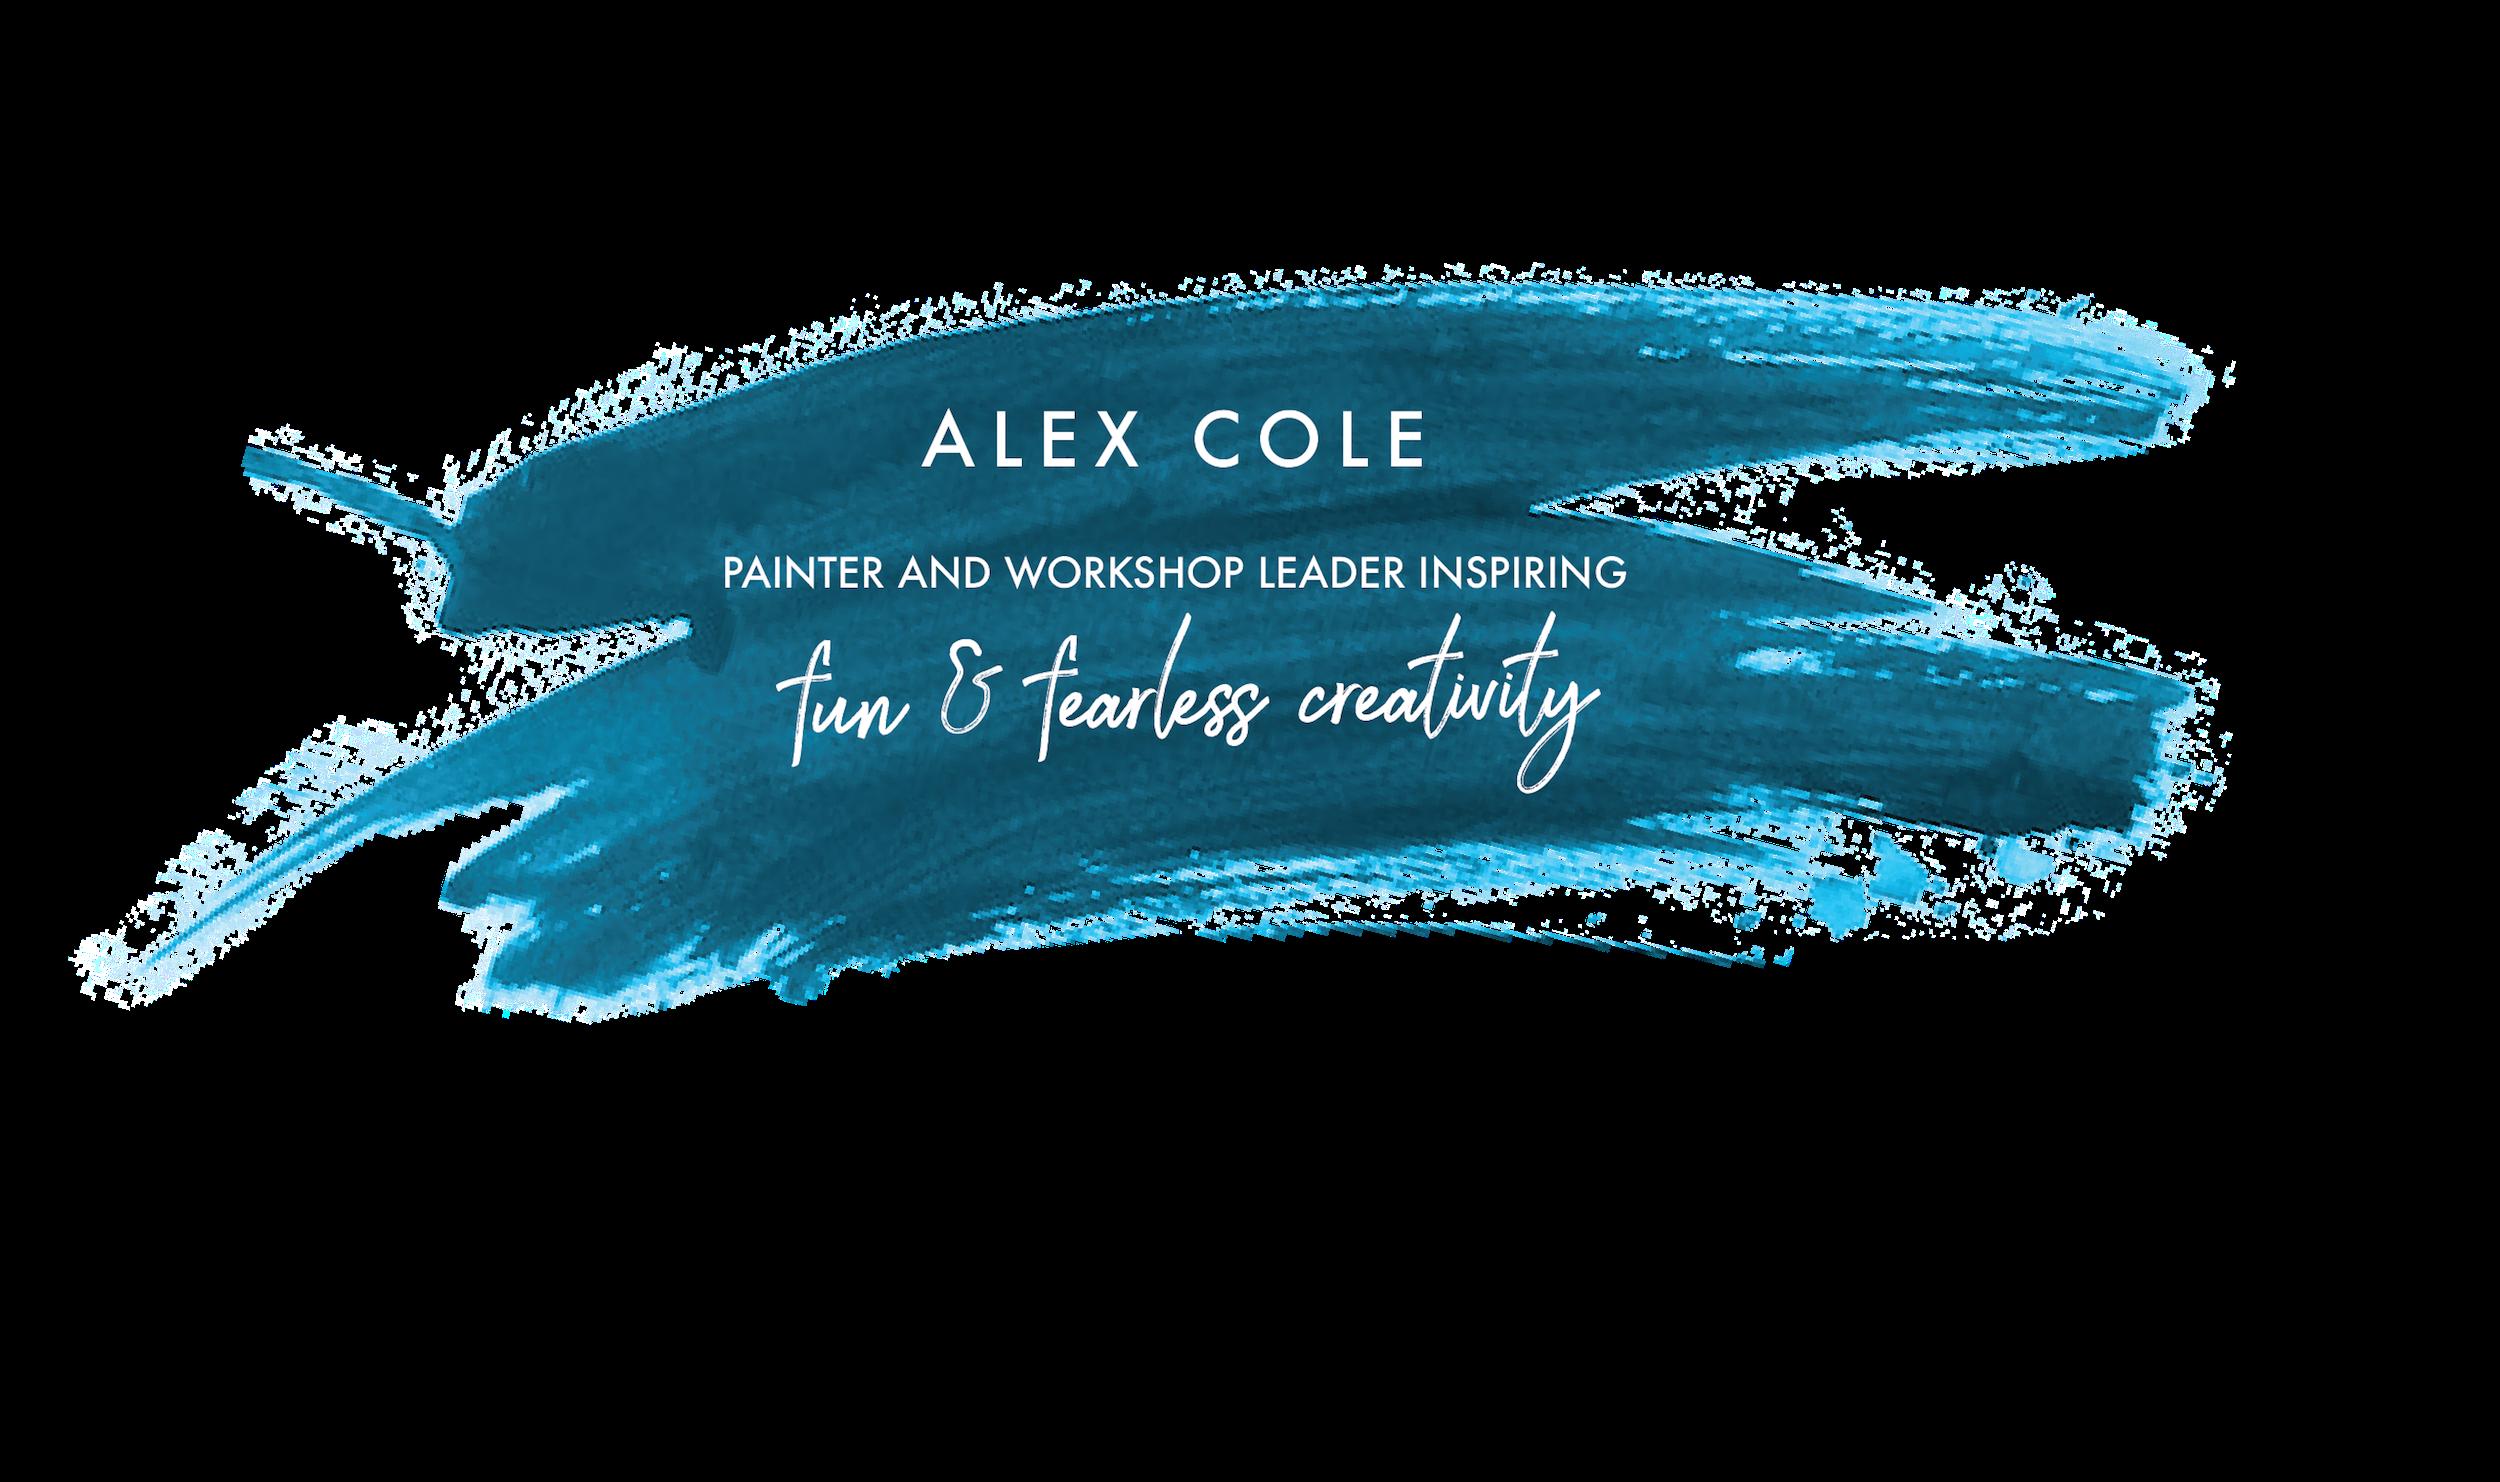 AlexCole_2 copy.png